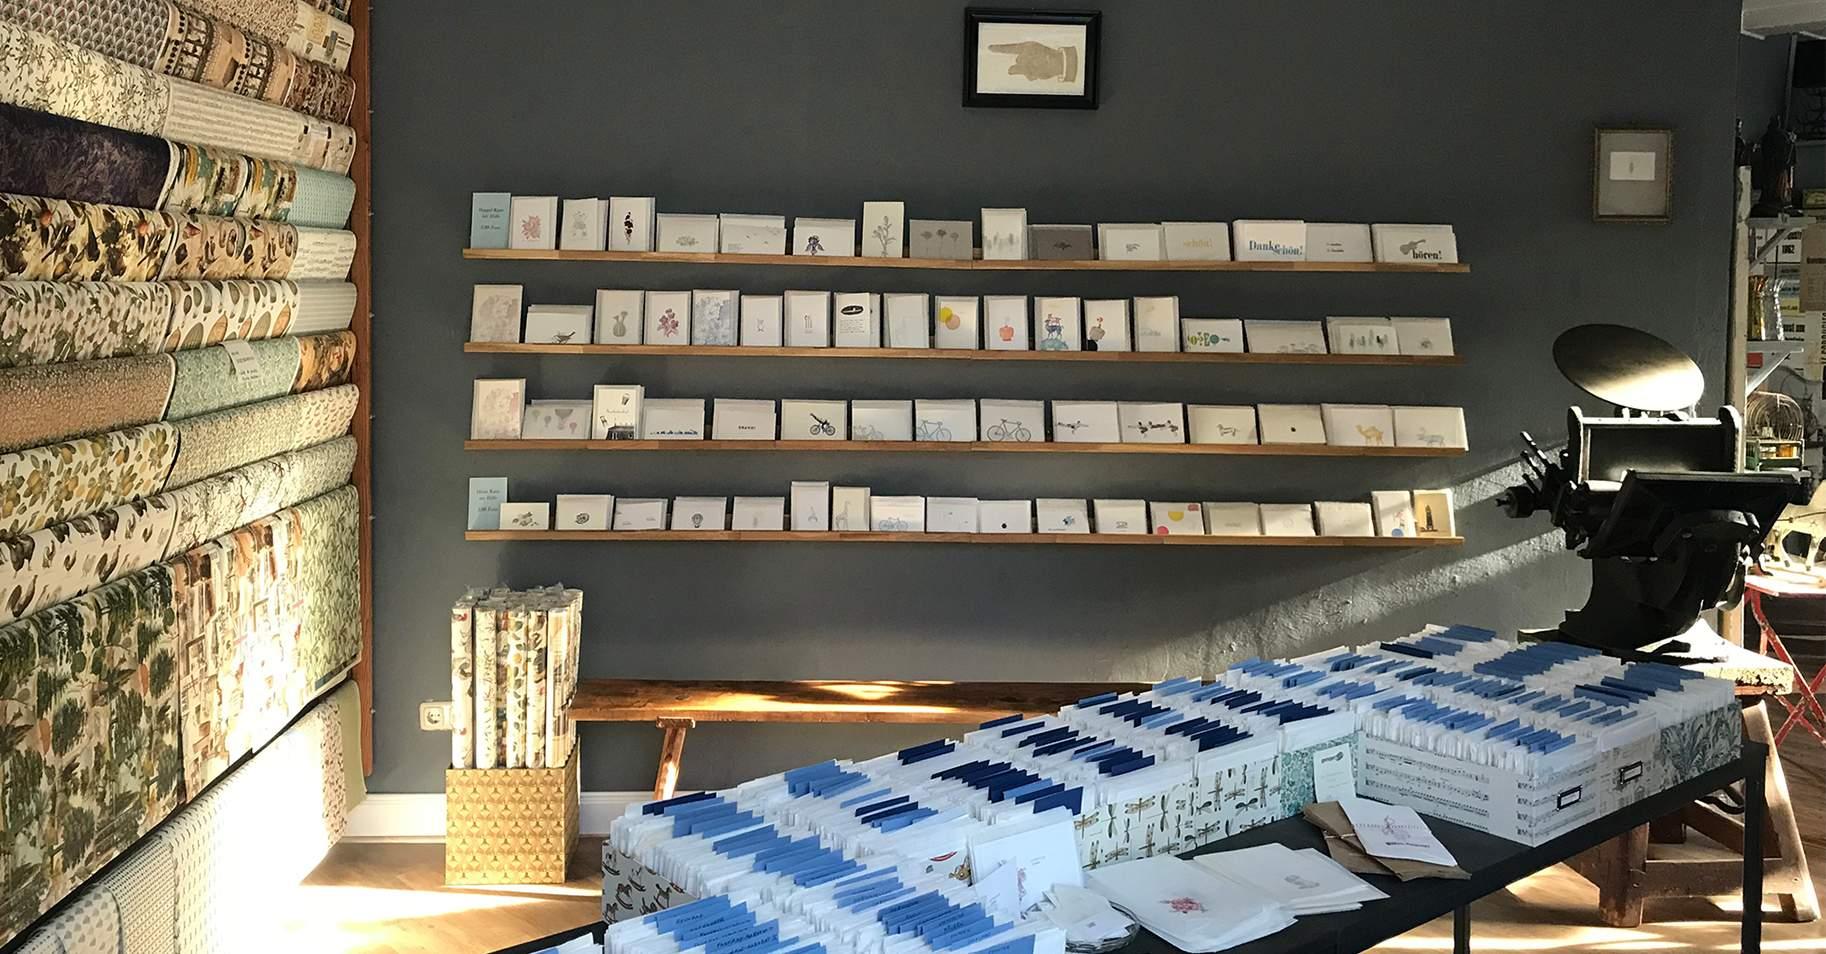 Umtriebpresse - Buchdruck aus Kiel